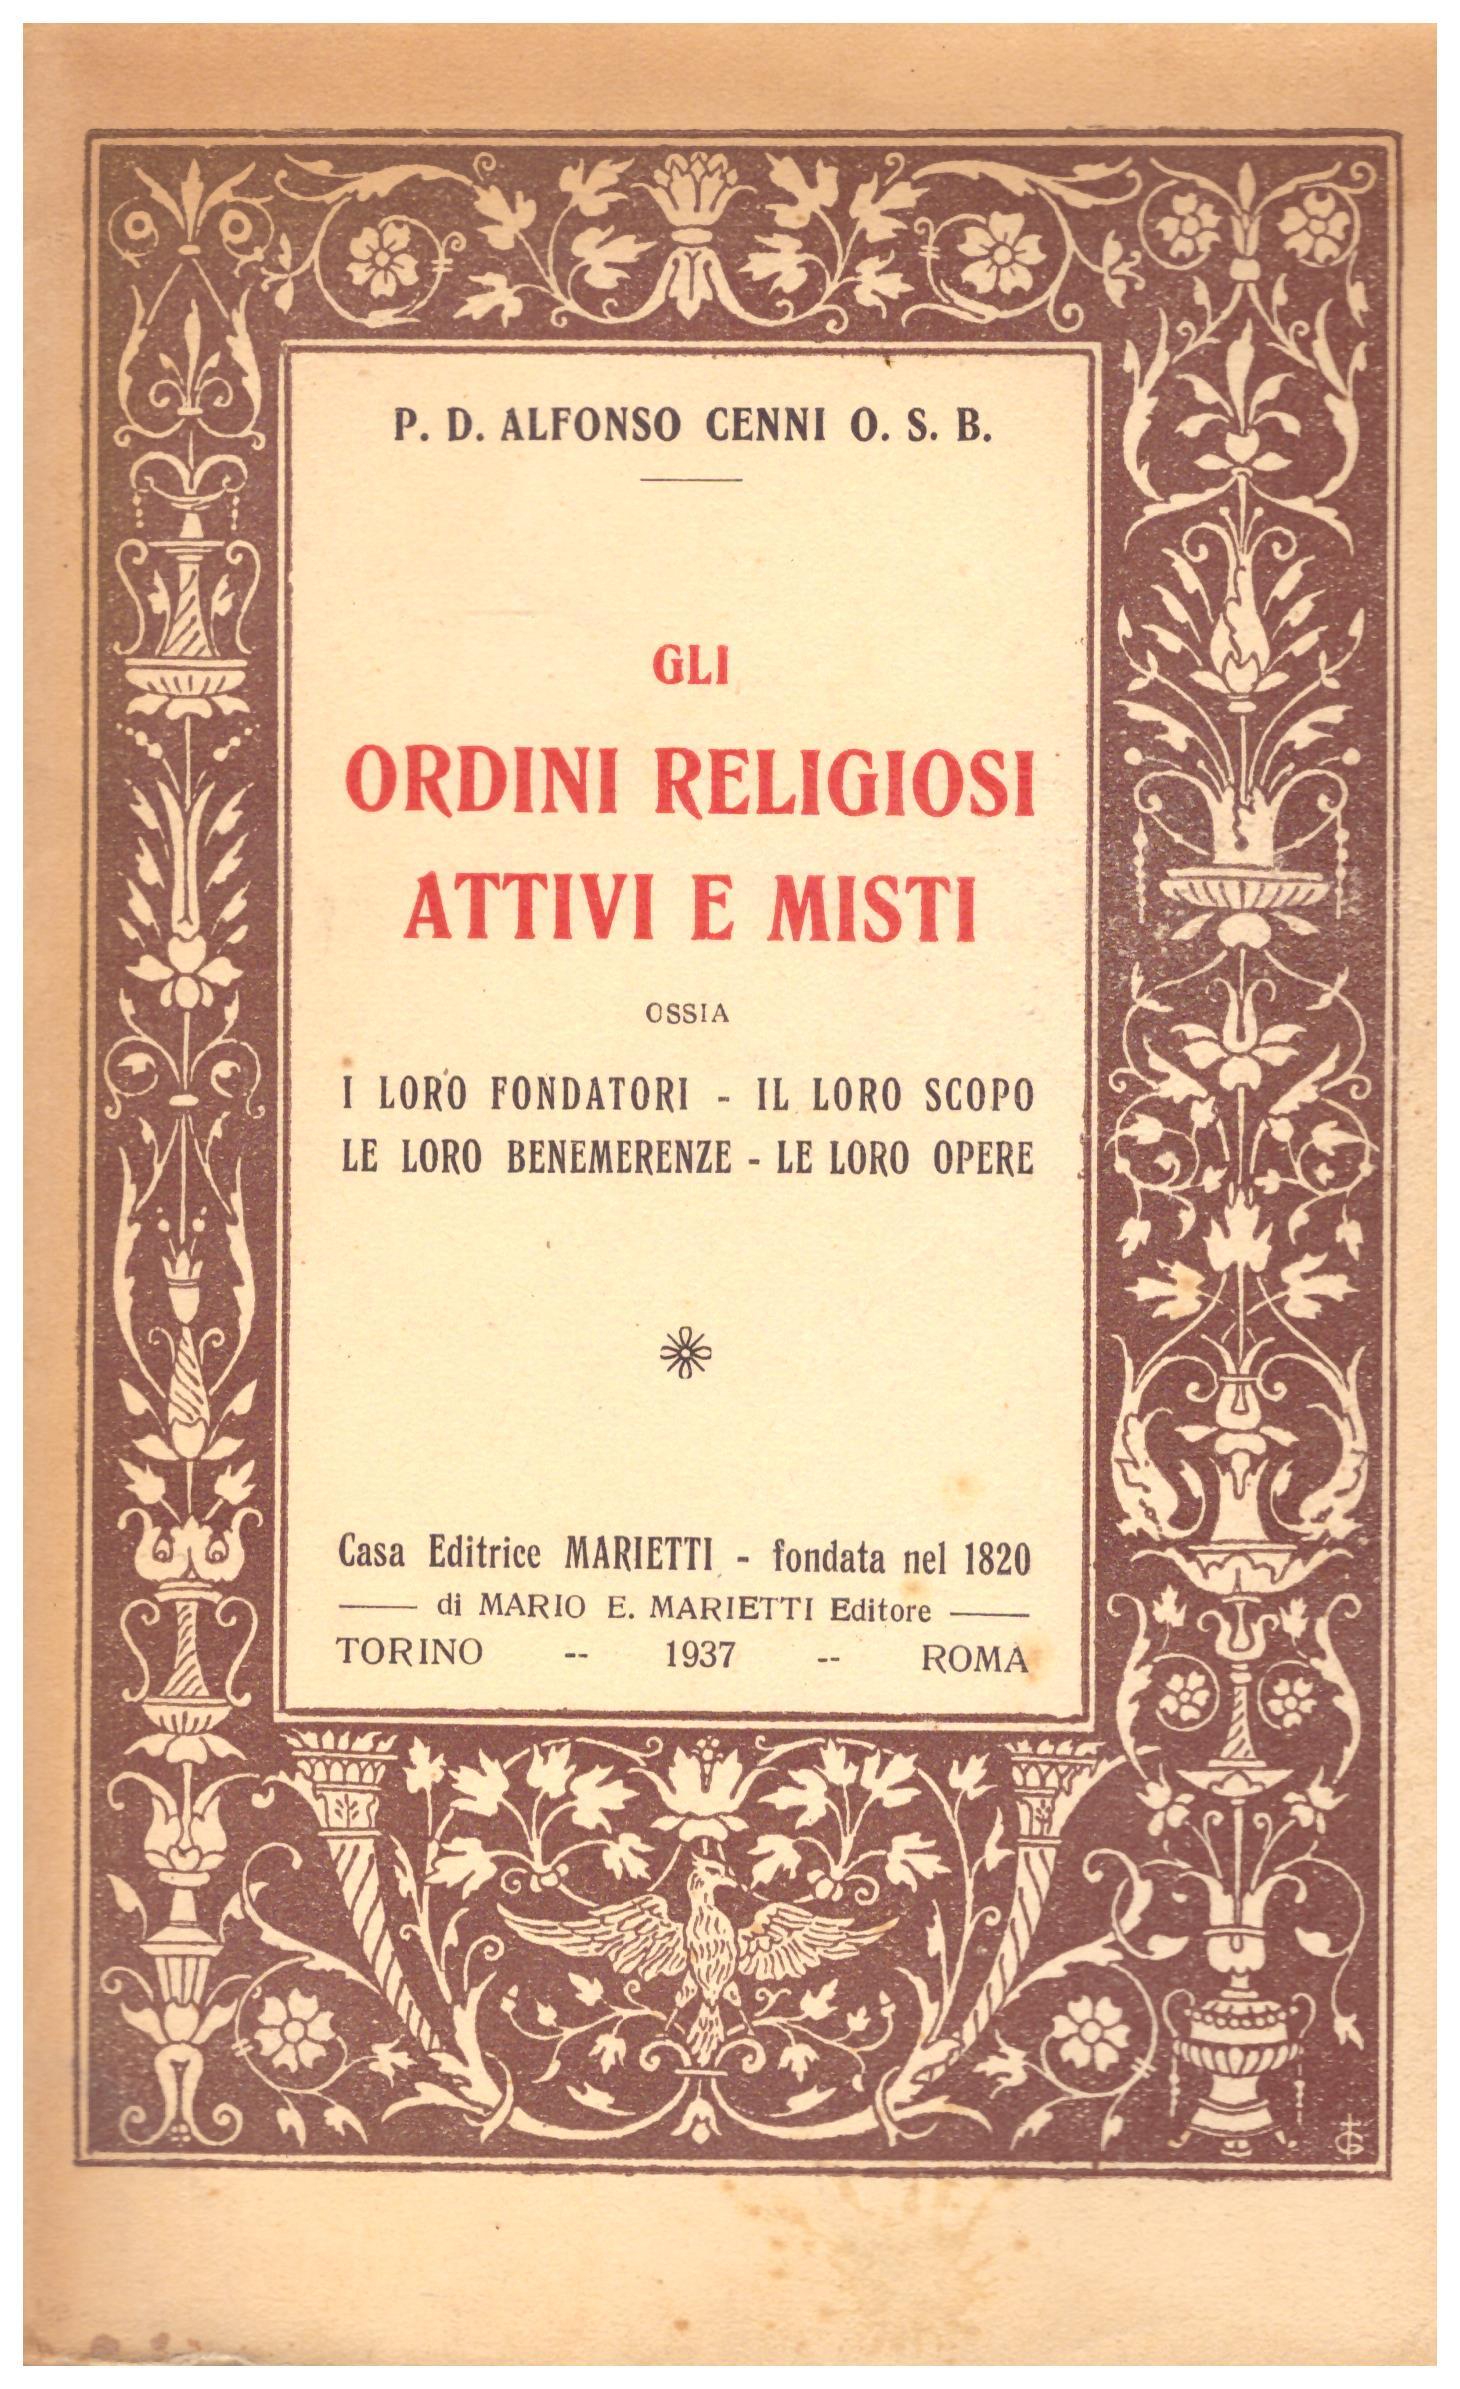 Titolo: Gli ordini religiosi attivi e misti Autore : P.D. Alfonso Cenni Editore: casa editrice Marietti 1937